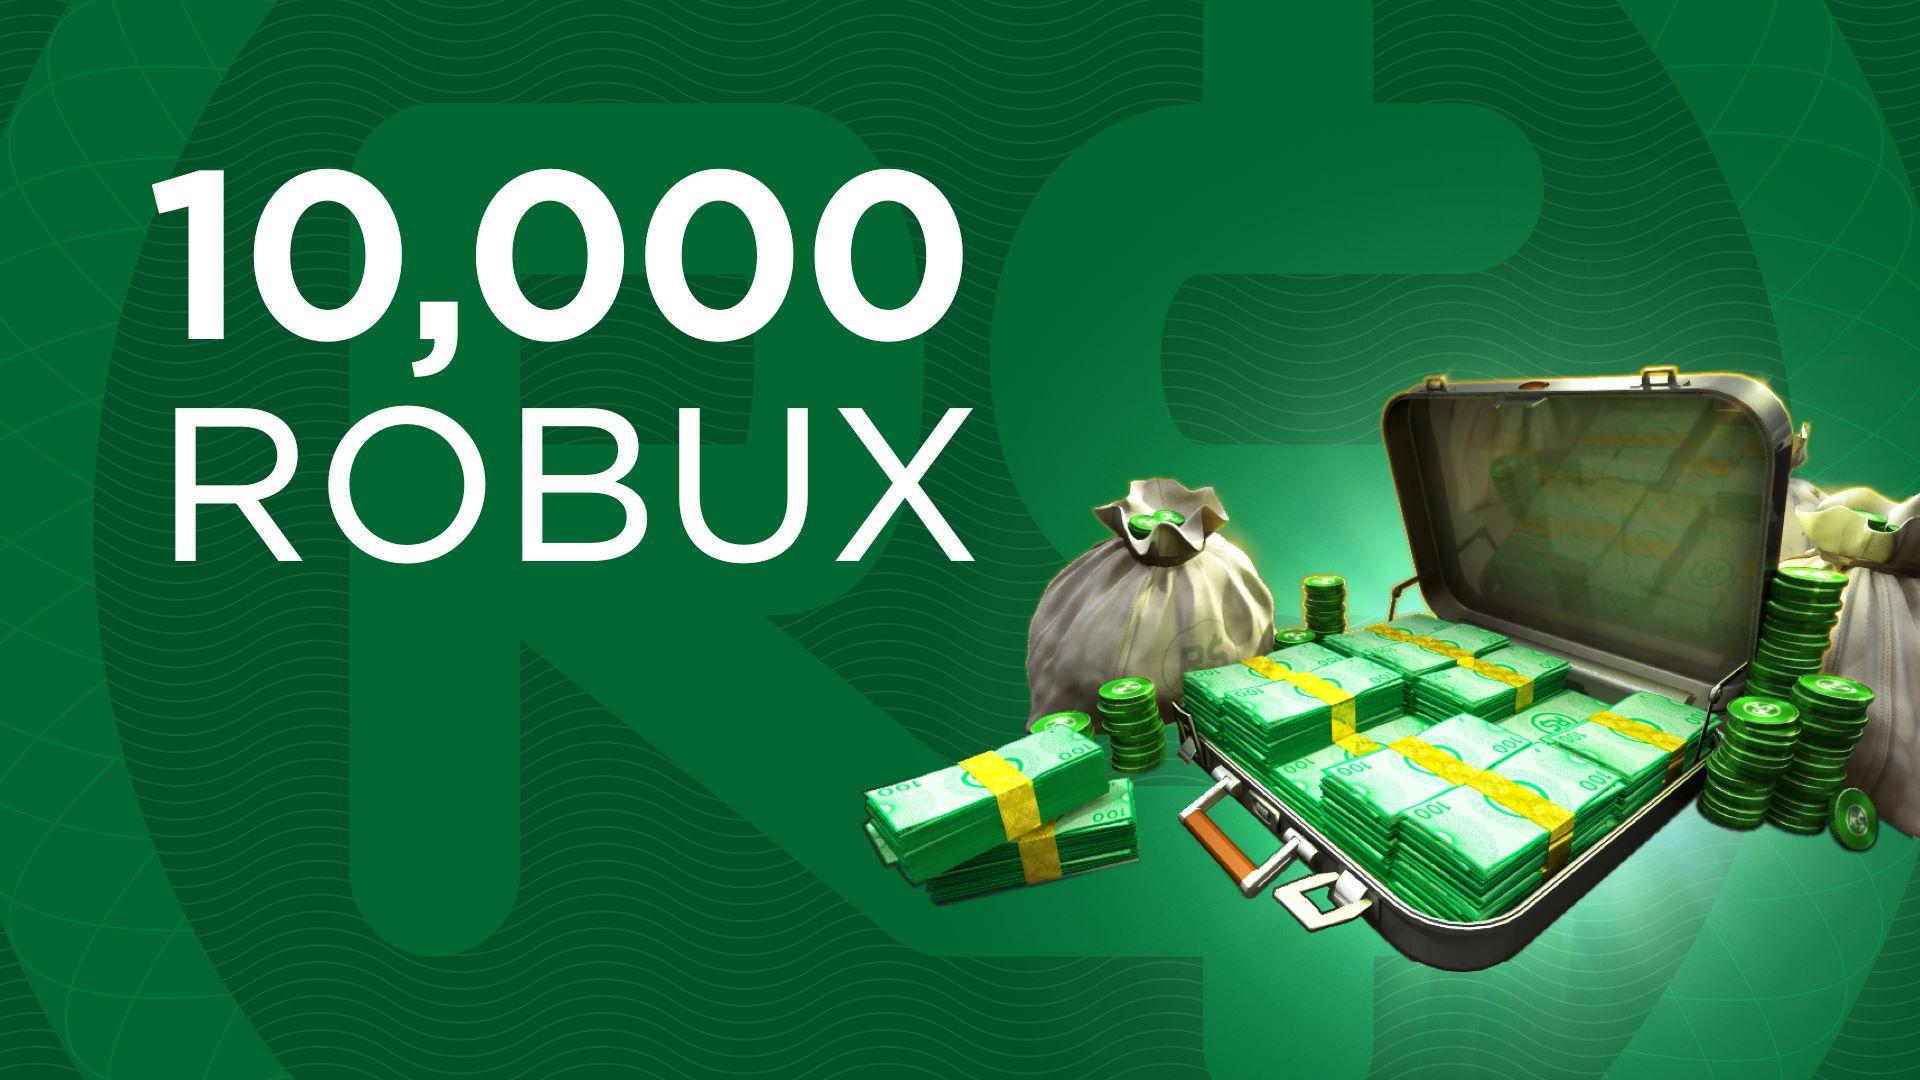 Como Tener Targetas De Robuxs Gratis Como Conseguir Robux Gratis Trucos Y Hacks Para Roblox